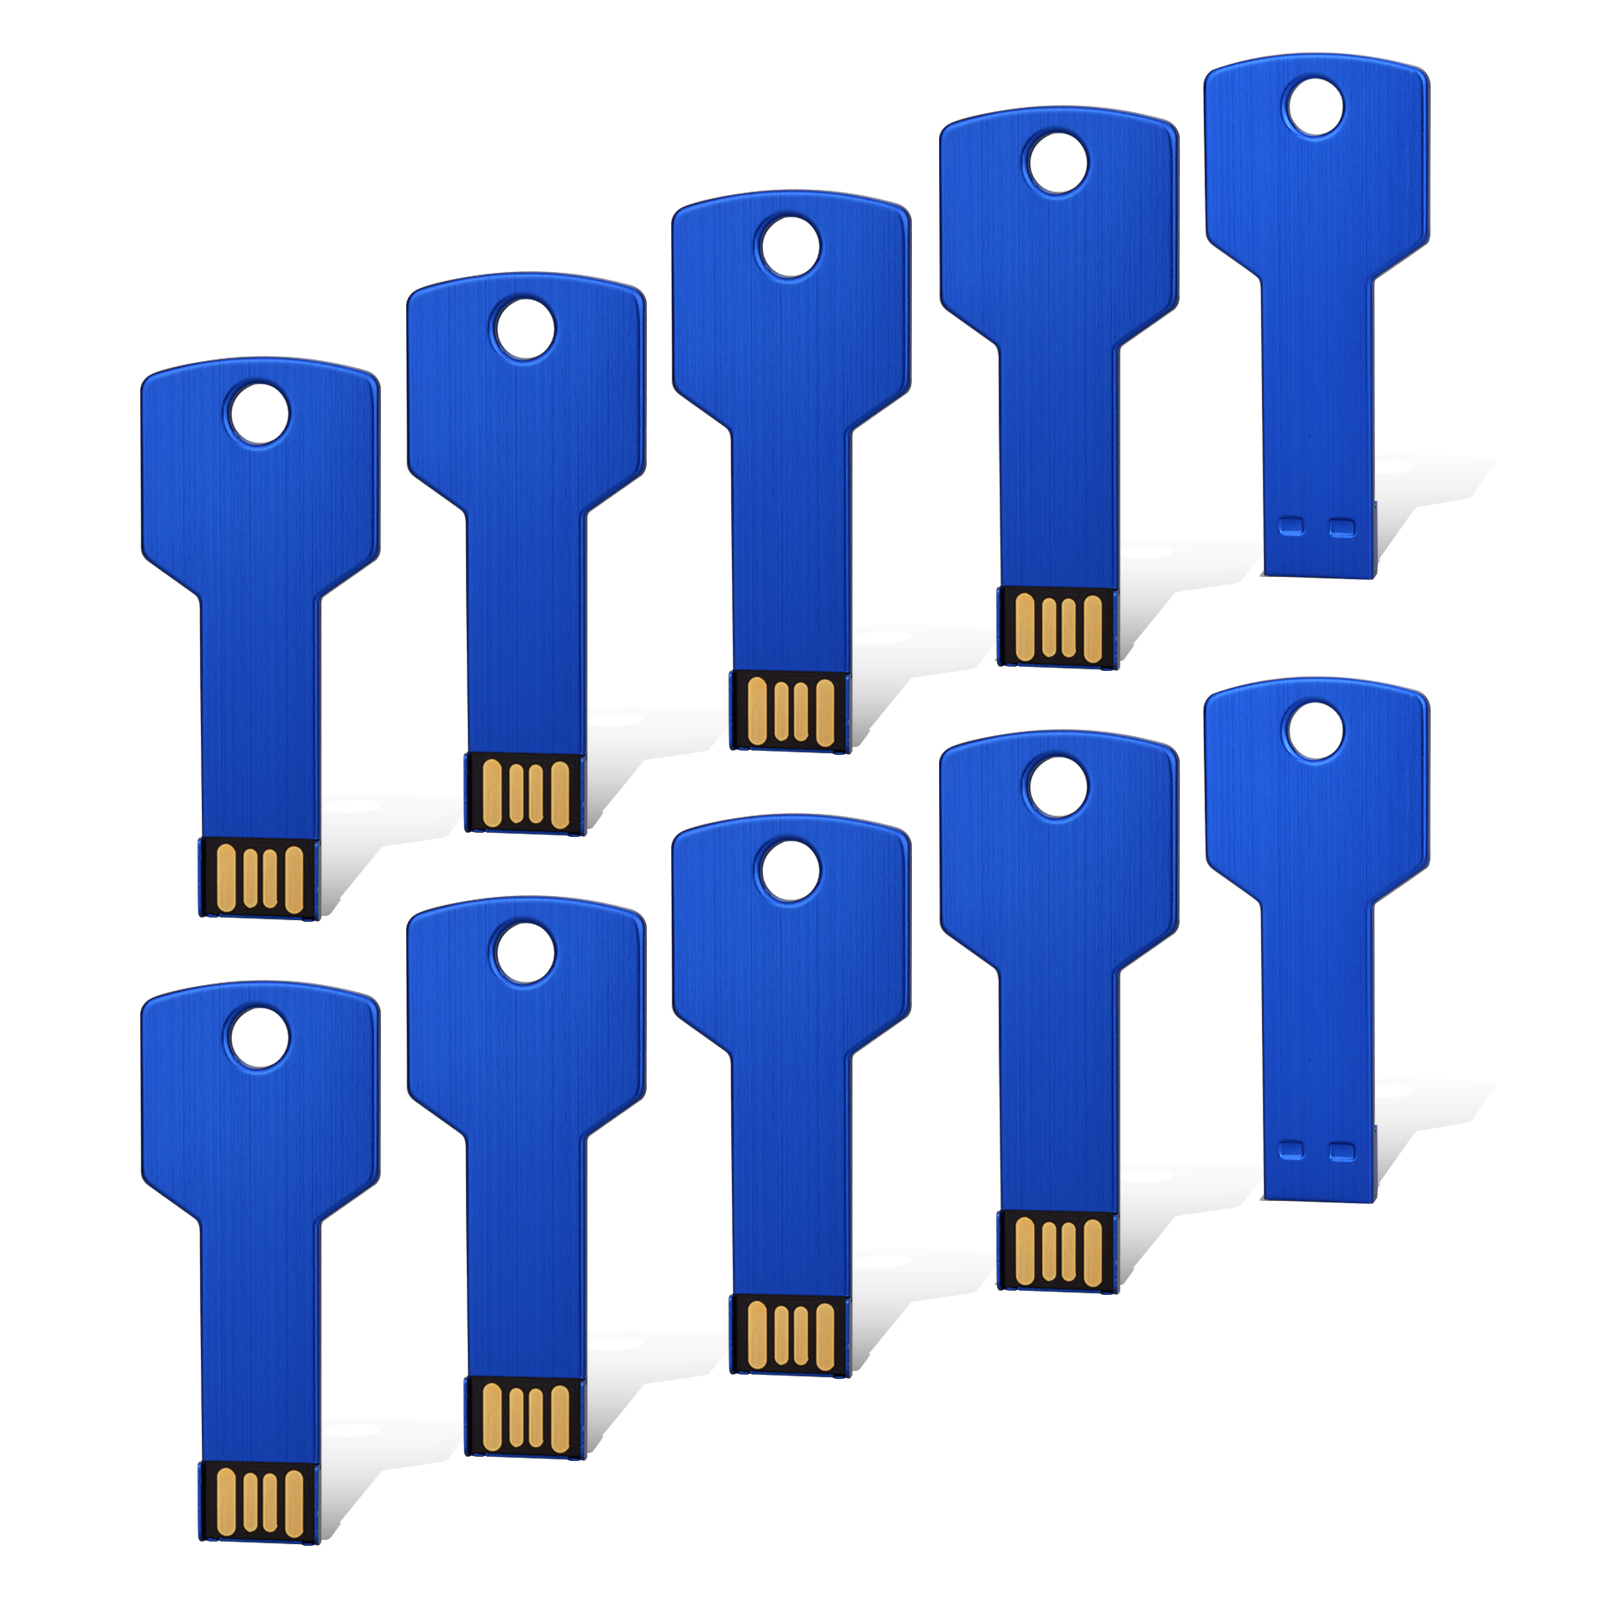 KOOTION 10PCS 1GB 1G USB Flash Drive Metal Key Design USB Flash Drive Metal Key Shaped Memory Stick USB 2.0 Blue 1G